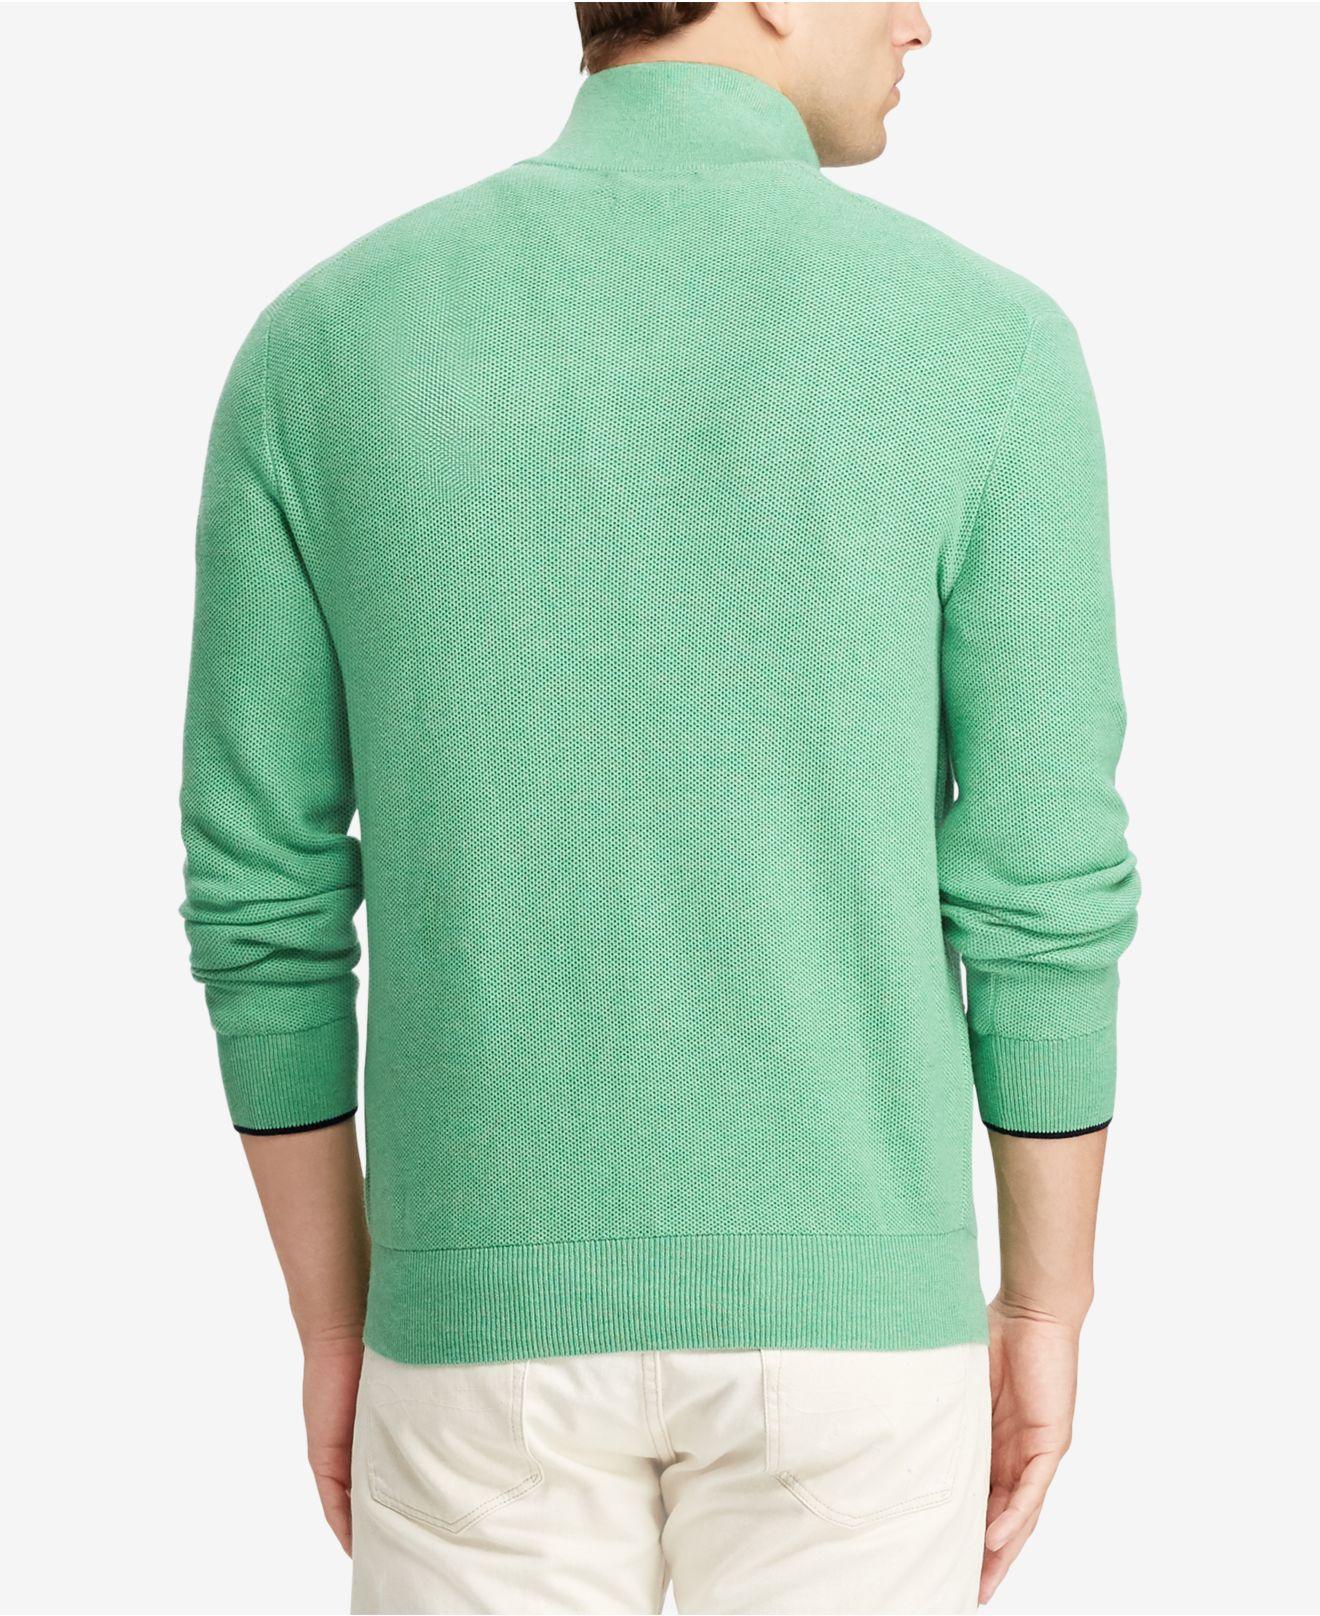 f5d1d9e0d50f6 Lyst - Polo Ralph Lauren Mesh Half-zip Sweater in Green for Men